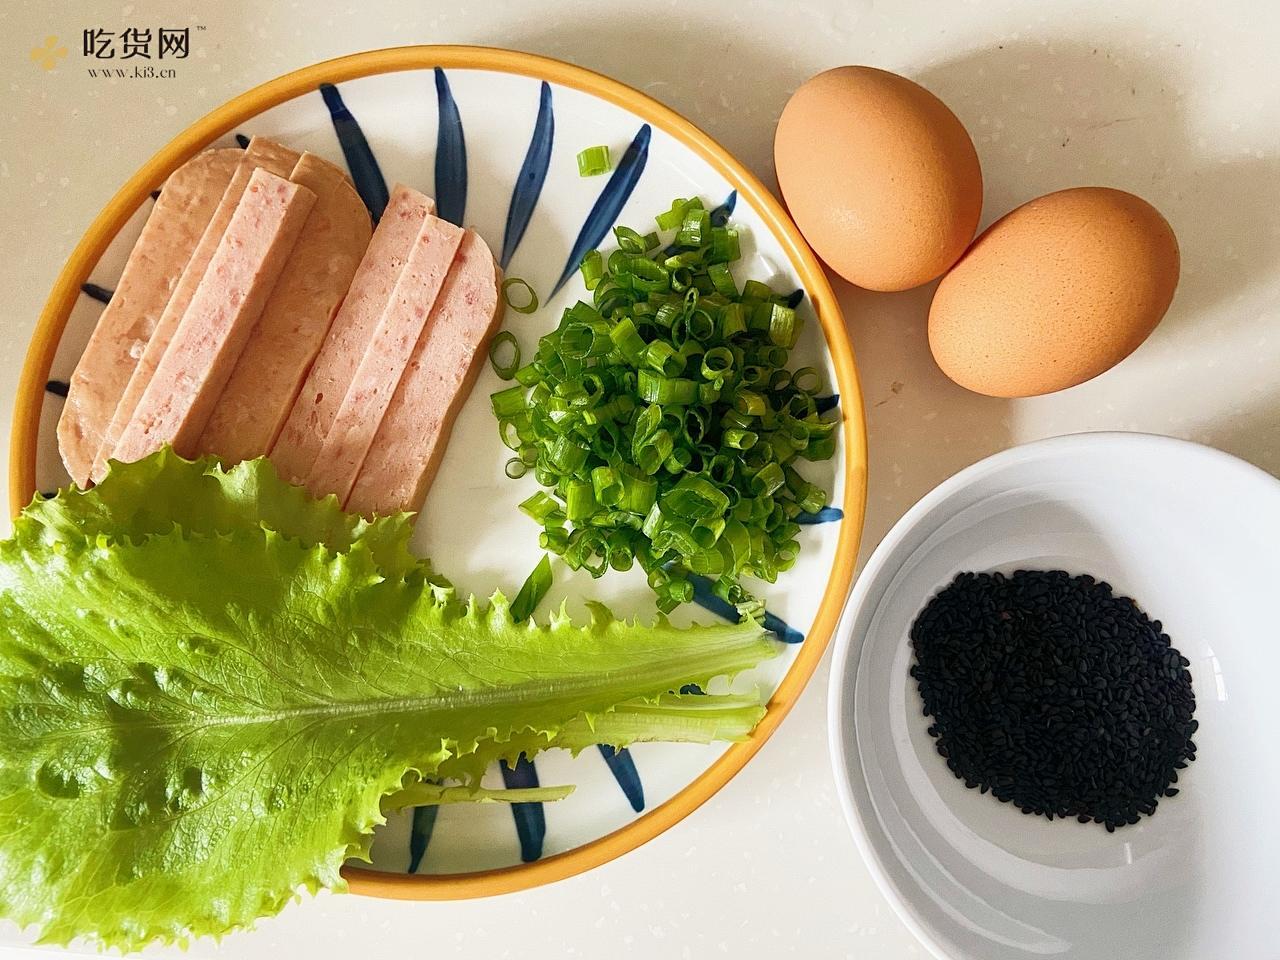 早餐鸡蛋饼   几分钟搞定   清淡不油腻    营养筋道又好吃   附细节视频的做法 步骤1